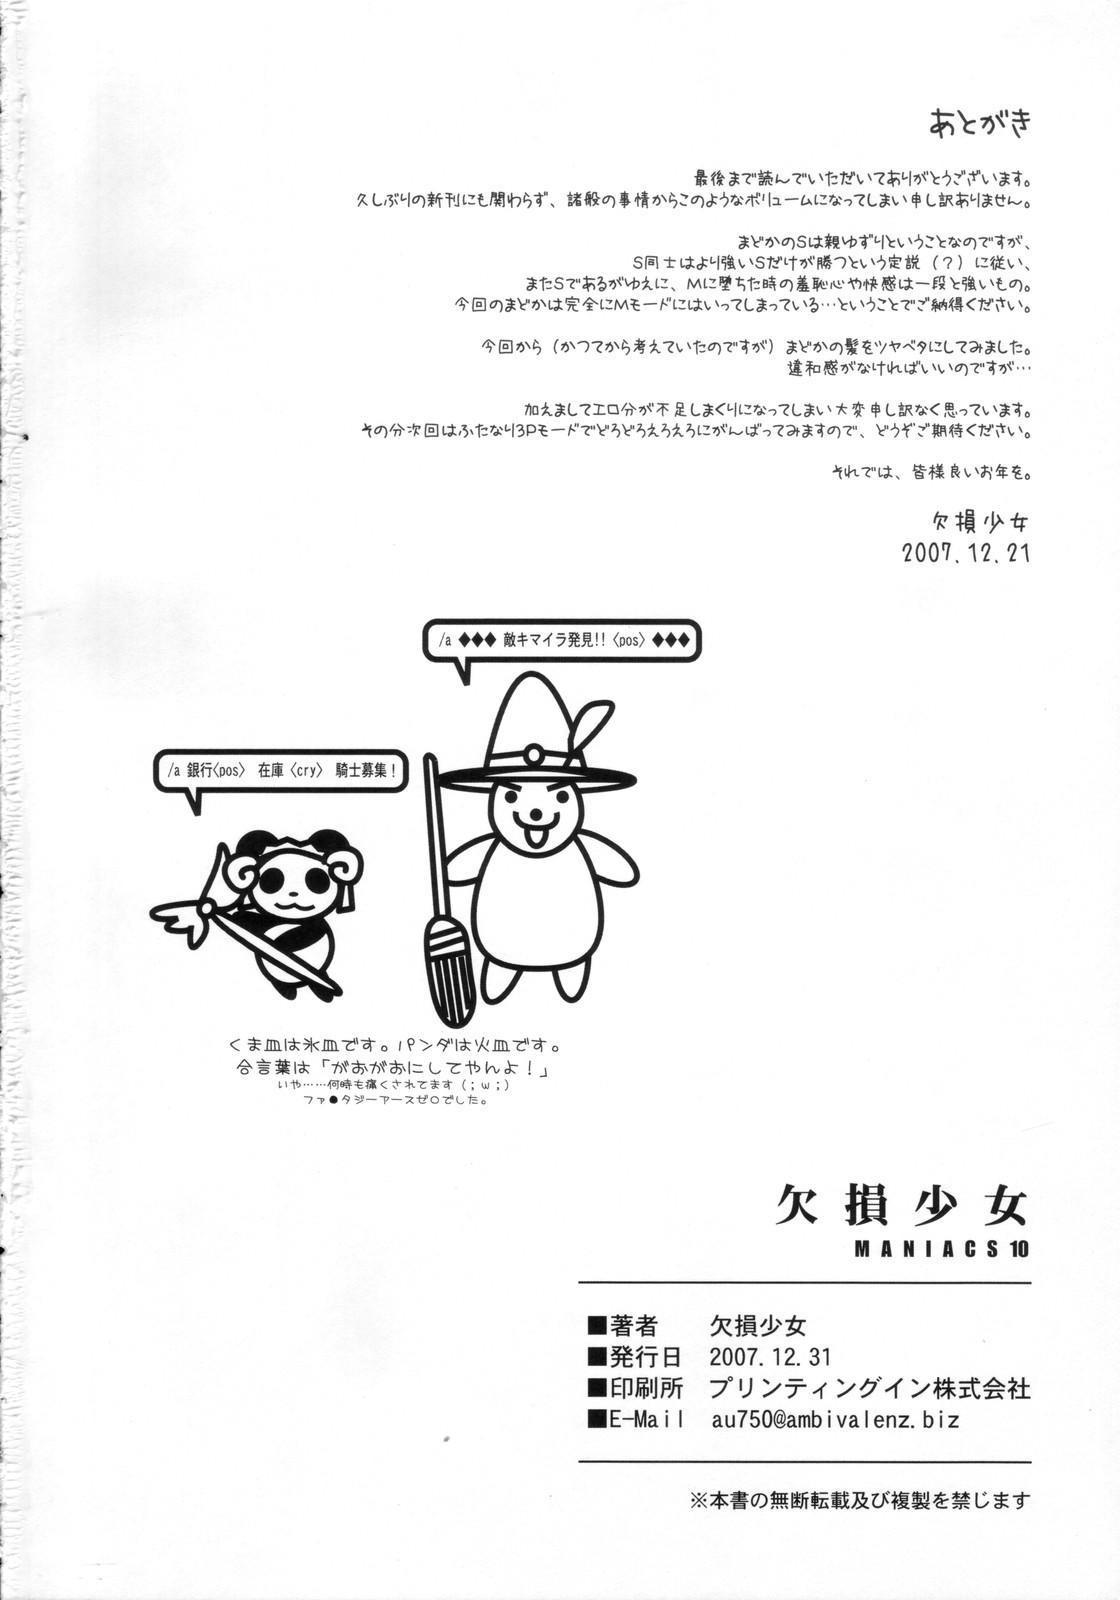 Kesson Shoujo Maniacs 10 17